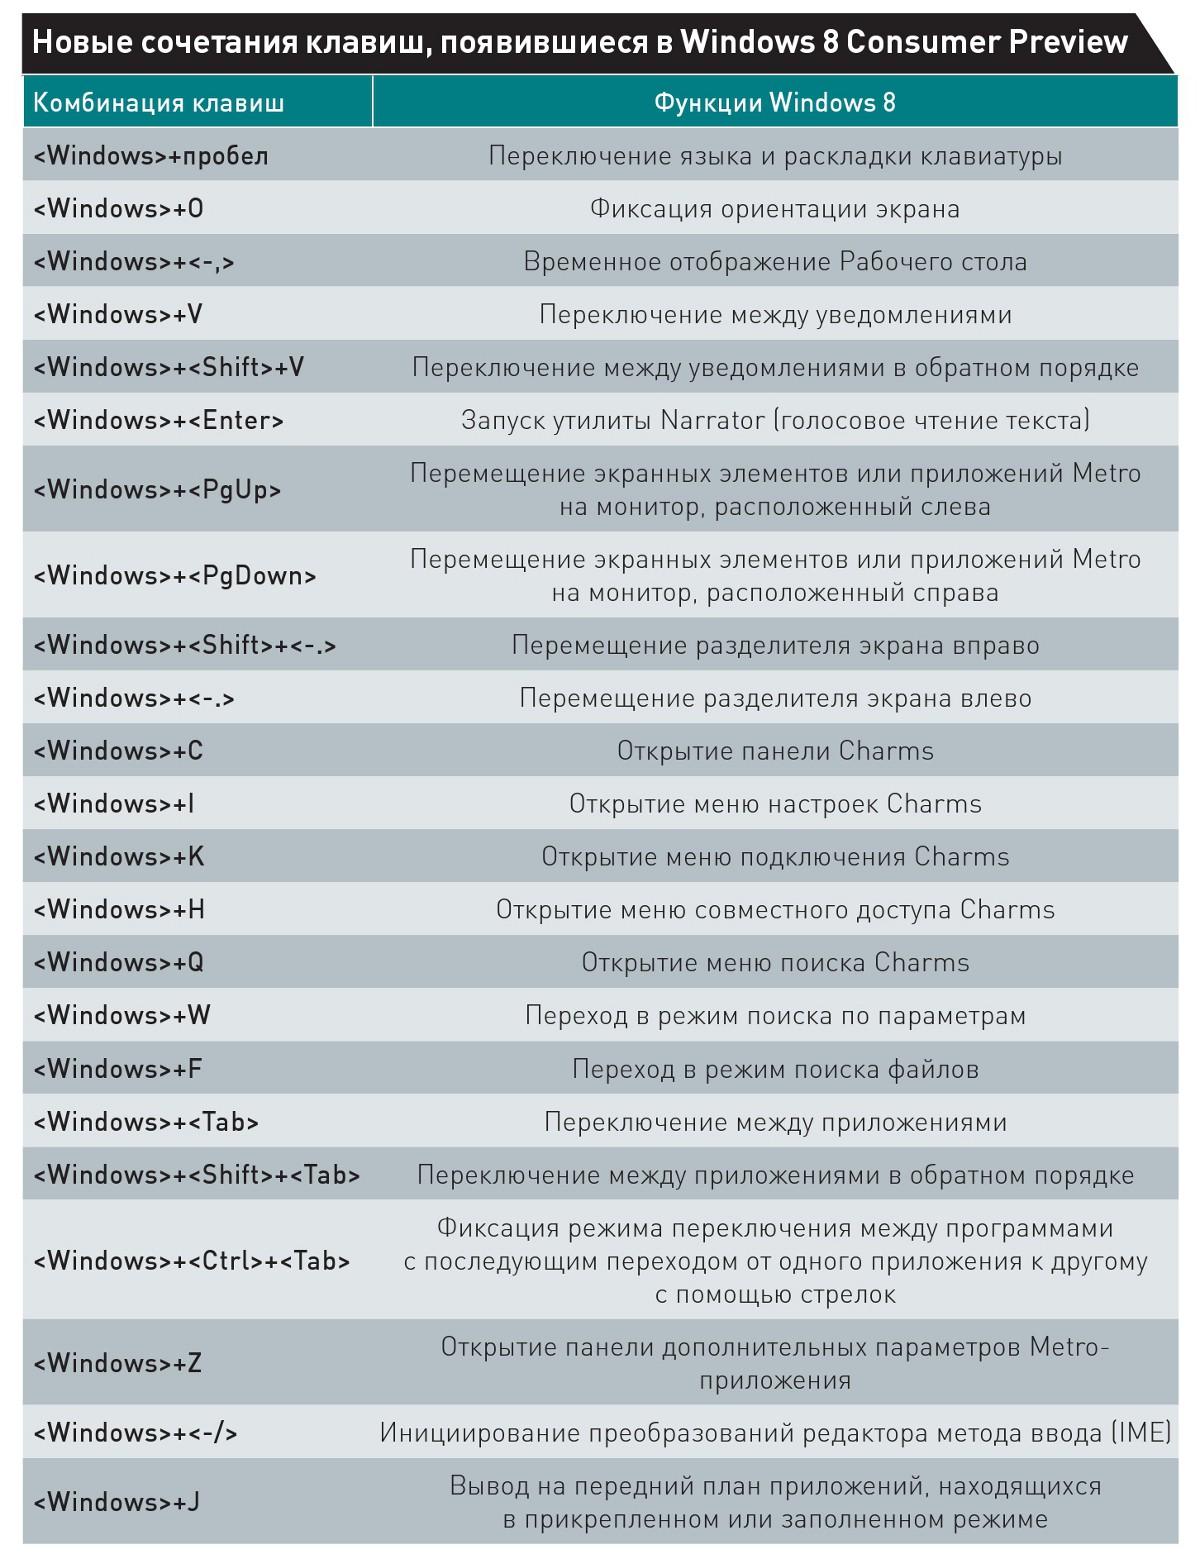 Как английский текст сделать русским горячие клавиши